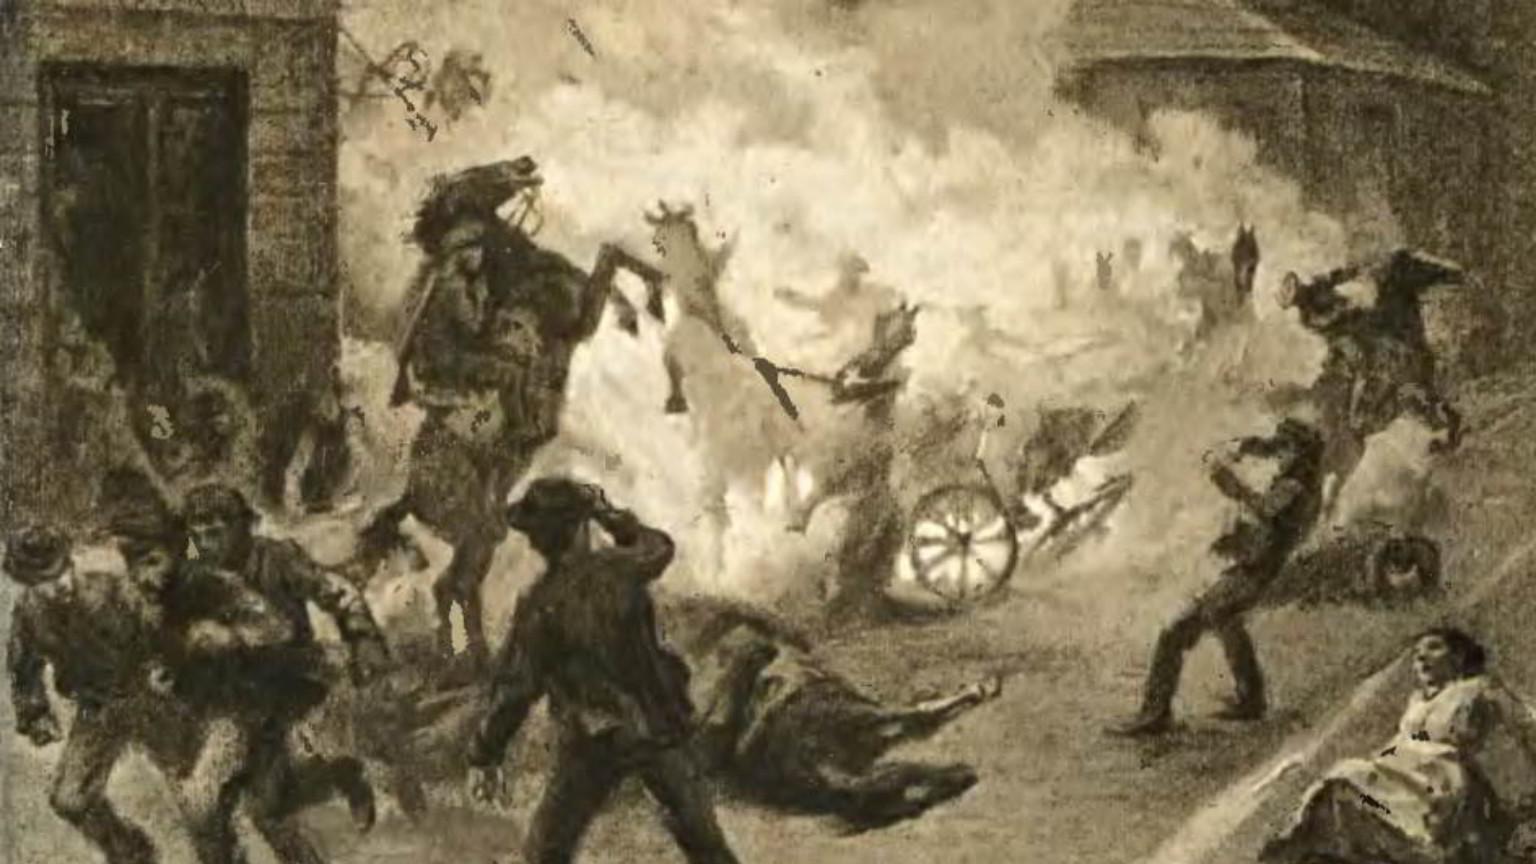 Zdjęcie dla kartki: Zamach na gubernatora Skałona